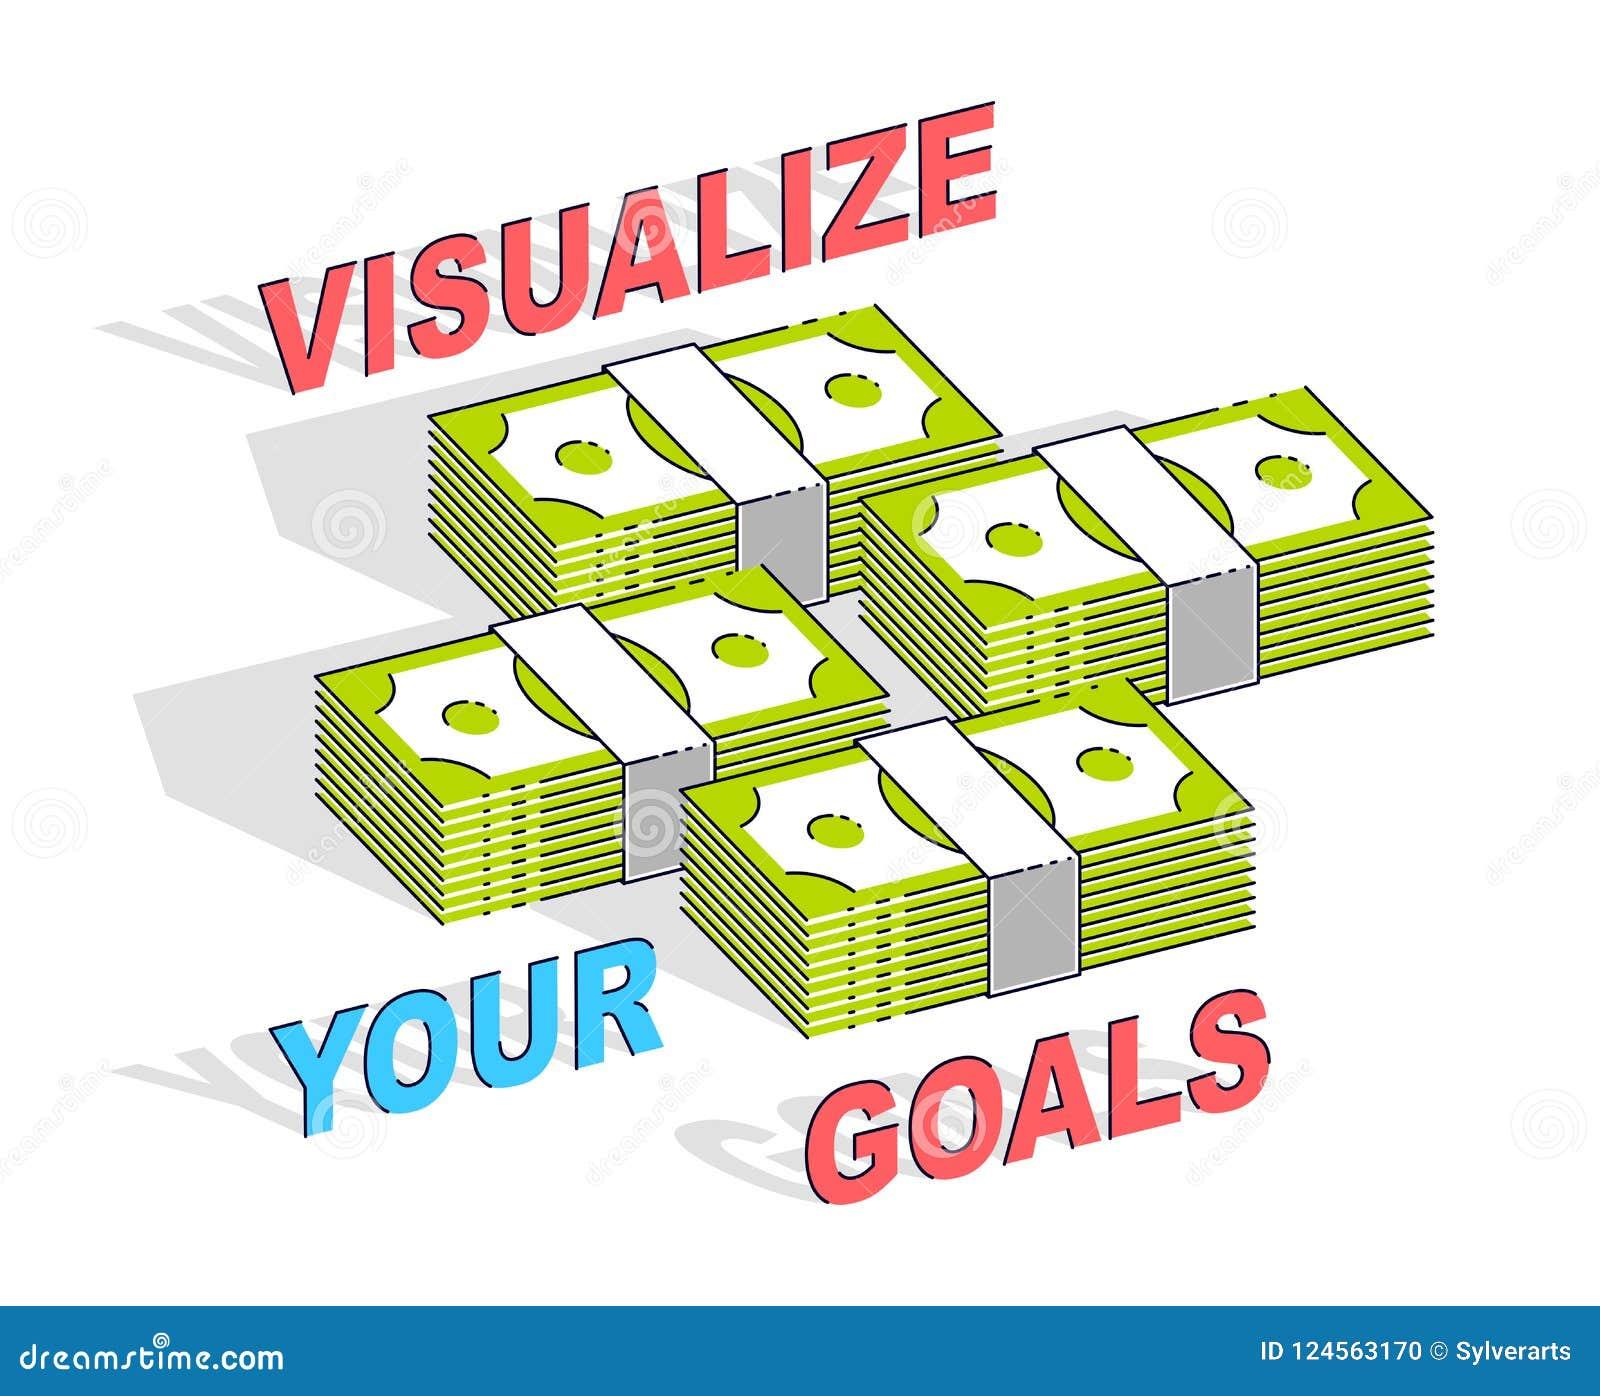 Machen Sie Ihr Zielgeschäfts-Motivationsplakat oder Fahne, Bargeld sichtbar